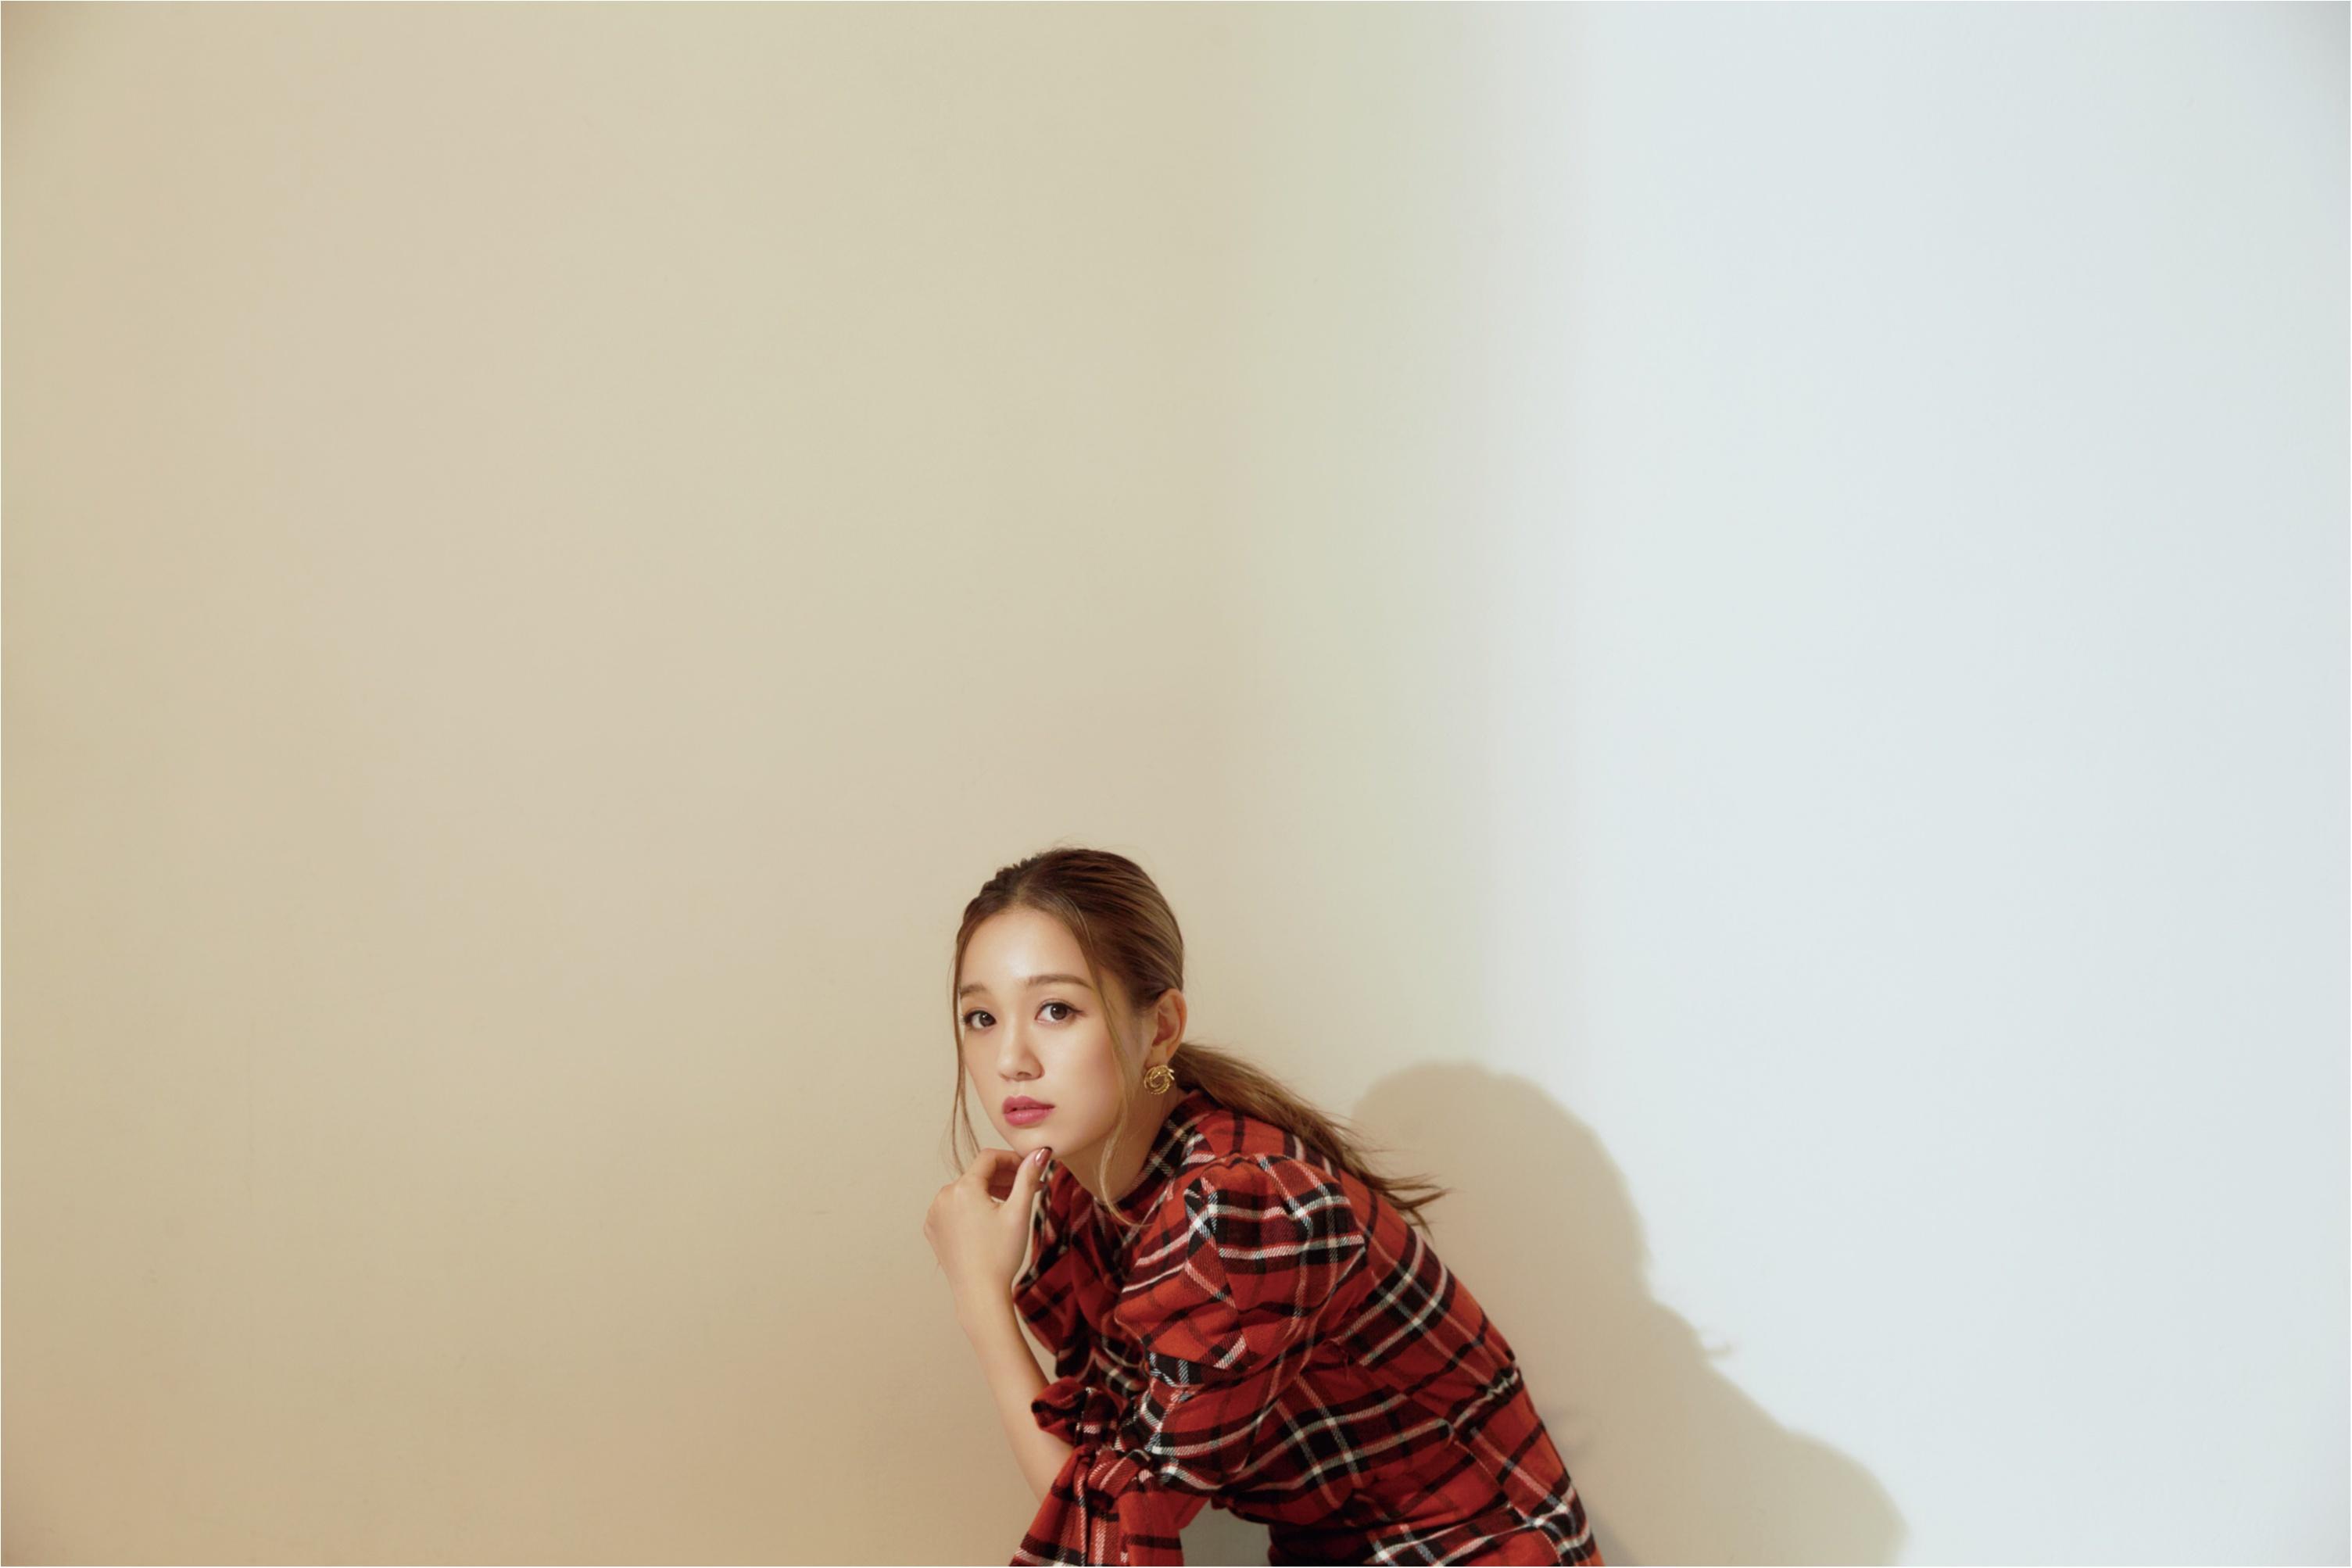 【西野カナさん】11/21に5年ぶりのベストアルバムを発売! 「ファンの方と一緒に年齢を重ねていきたいです」_2